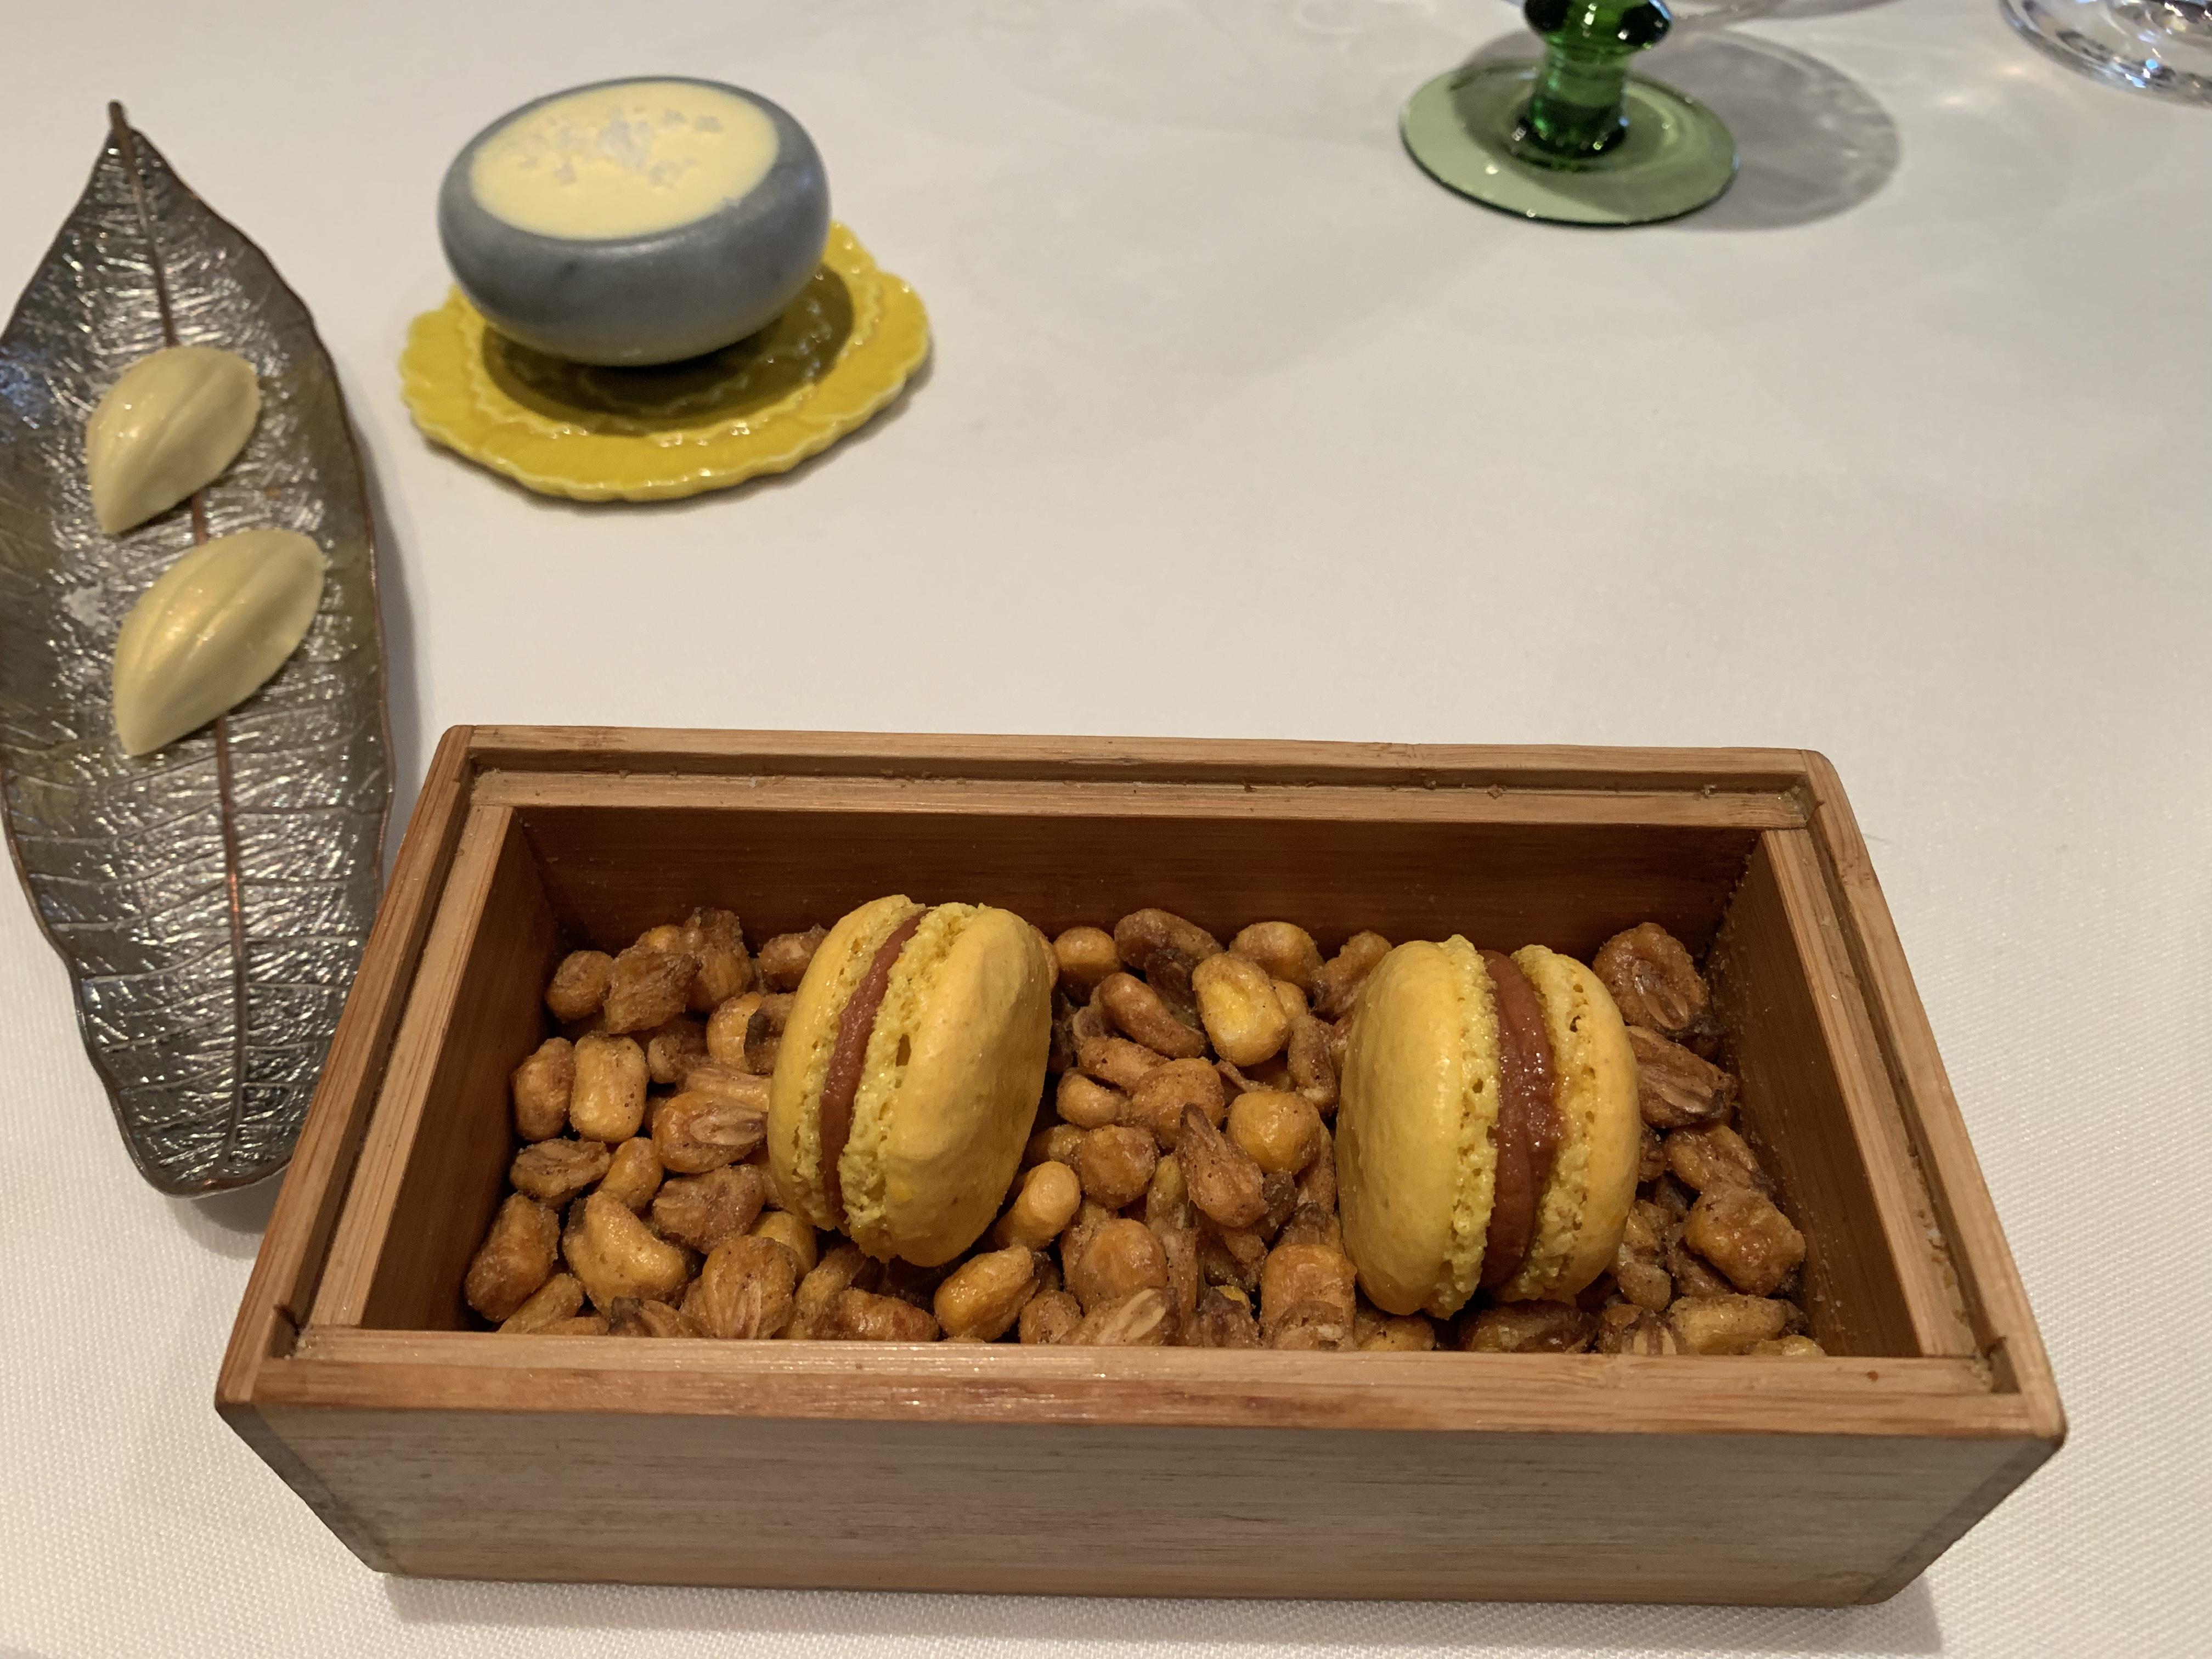 Macaron de maíz y sabadiego y bombón de Cabrales y chocolate blanco